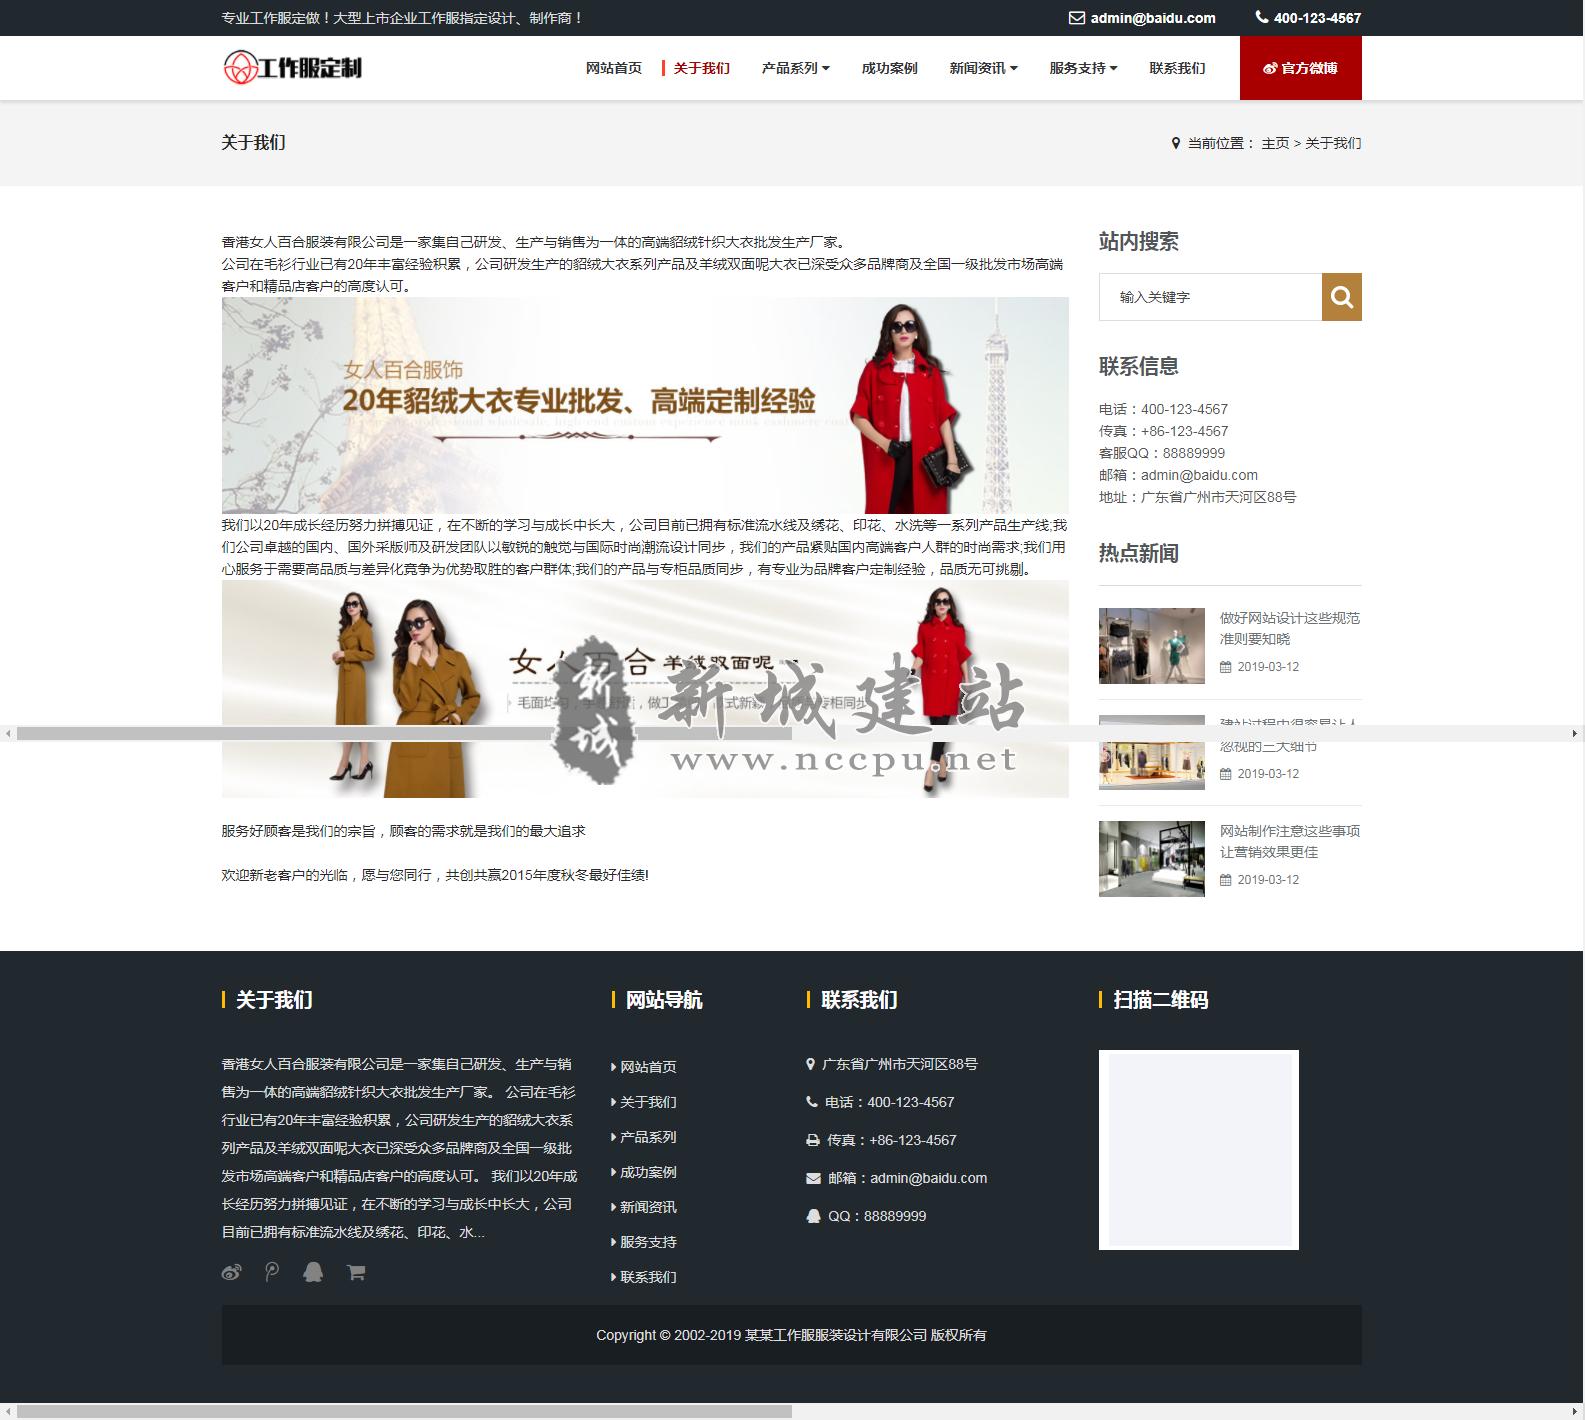 响应式企业工作服设计定制类公司网站关于我们